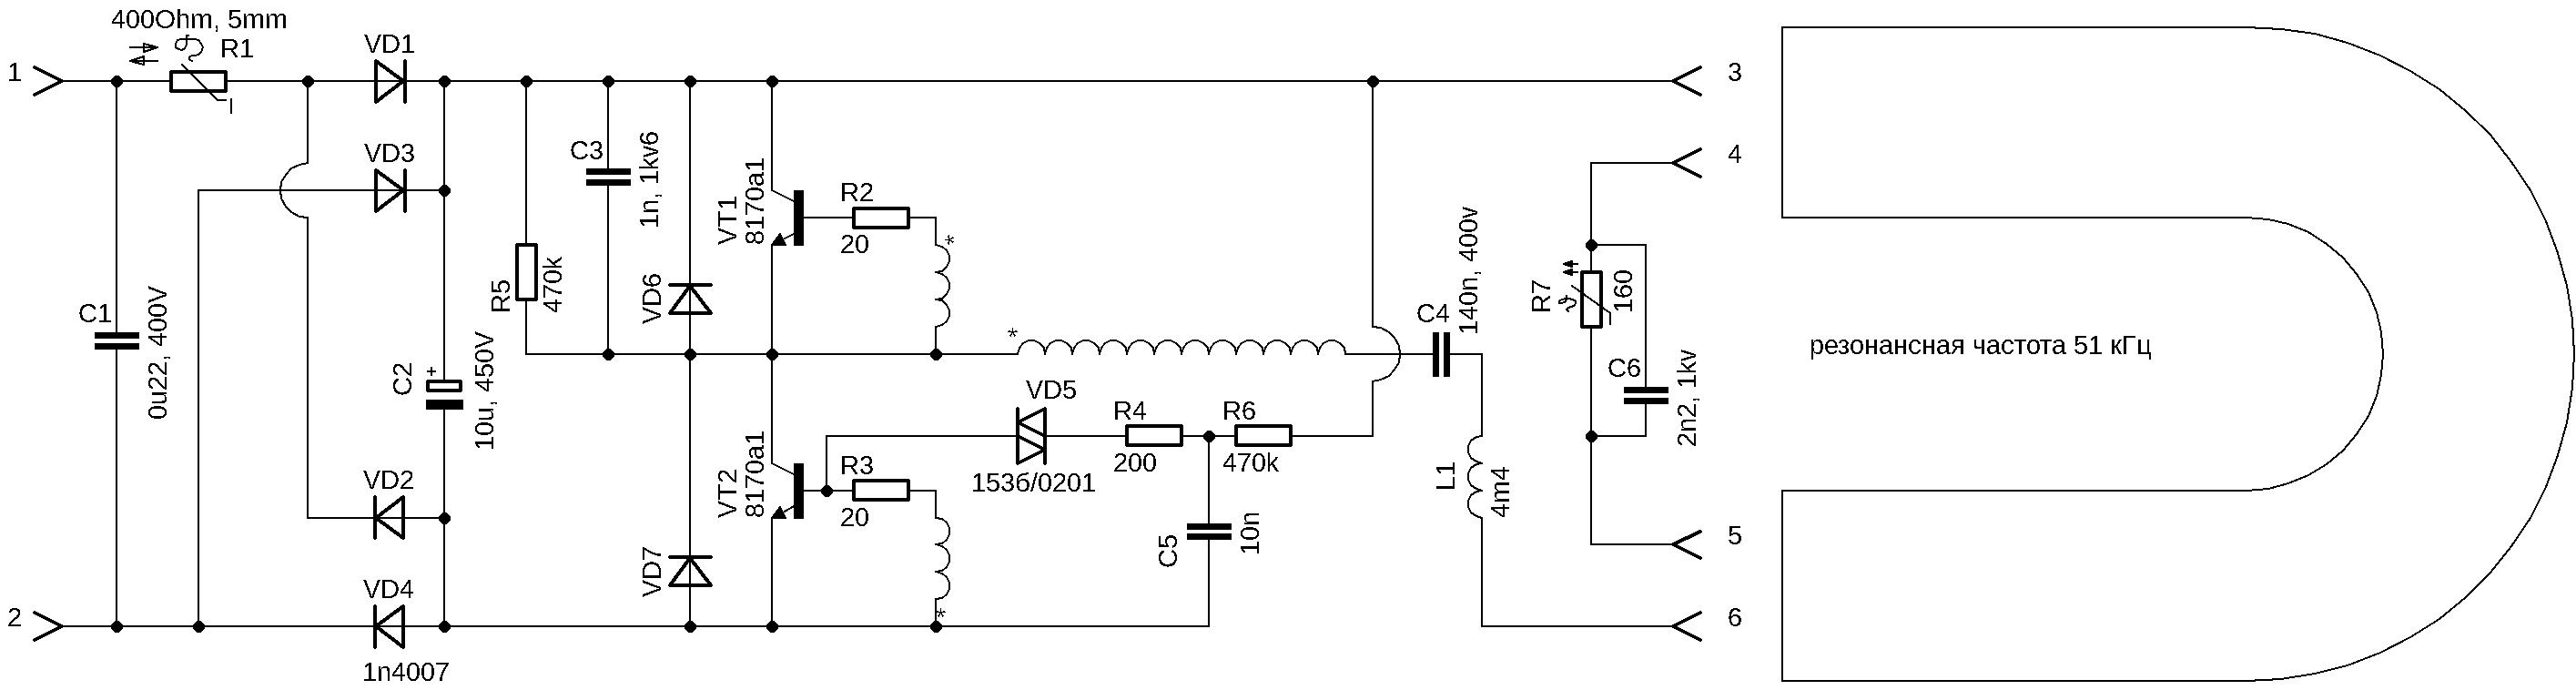 Инструкция по изготовлению импульсного блока питания из энергосберегающей лампы